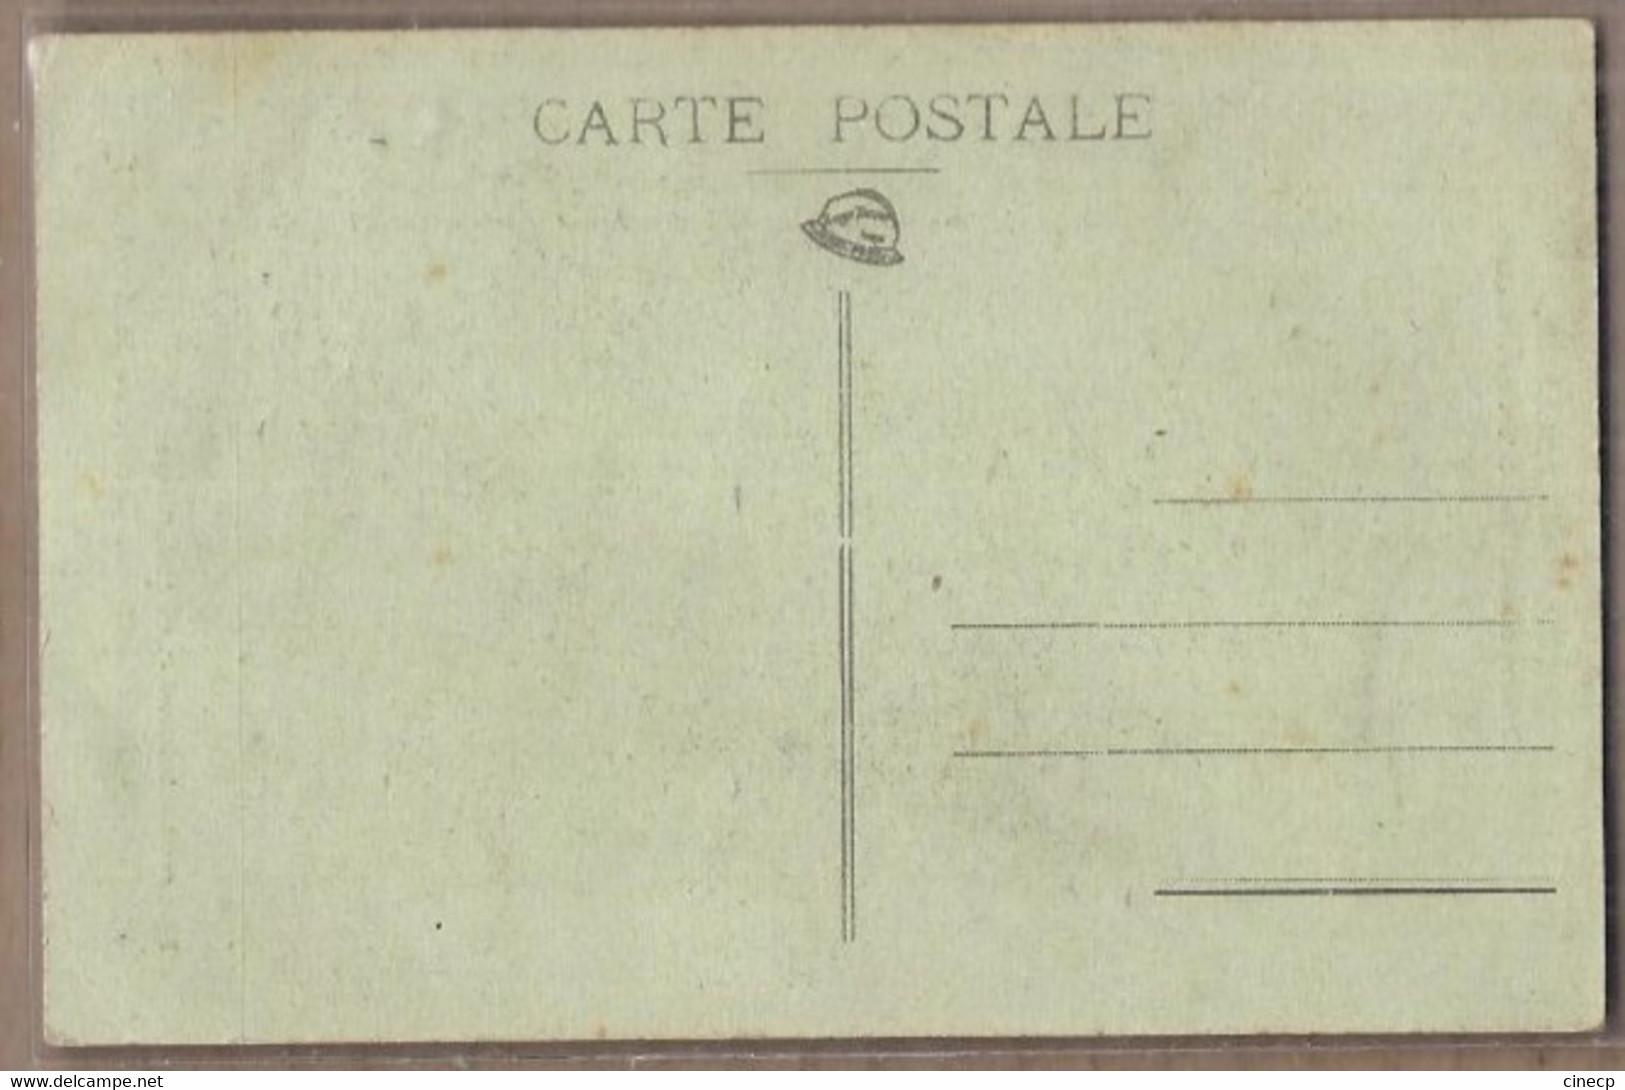 CPA 84 - BOLLENE - VILLE DE BOLLENE - Demoiselle D' Honneur - Souvenir Des Fêtes De Charité Du 26 Avril 1925 TB PORTRAIT - Bollene